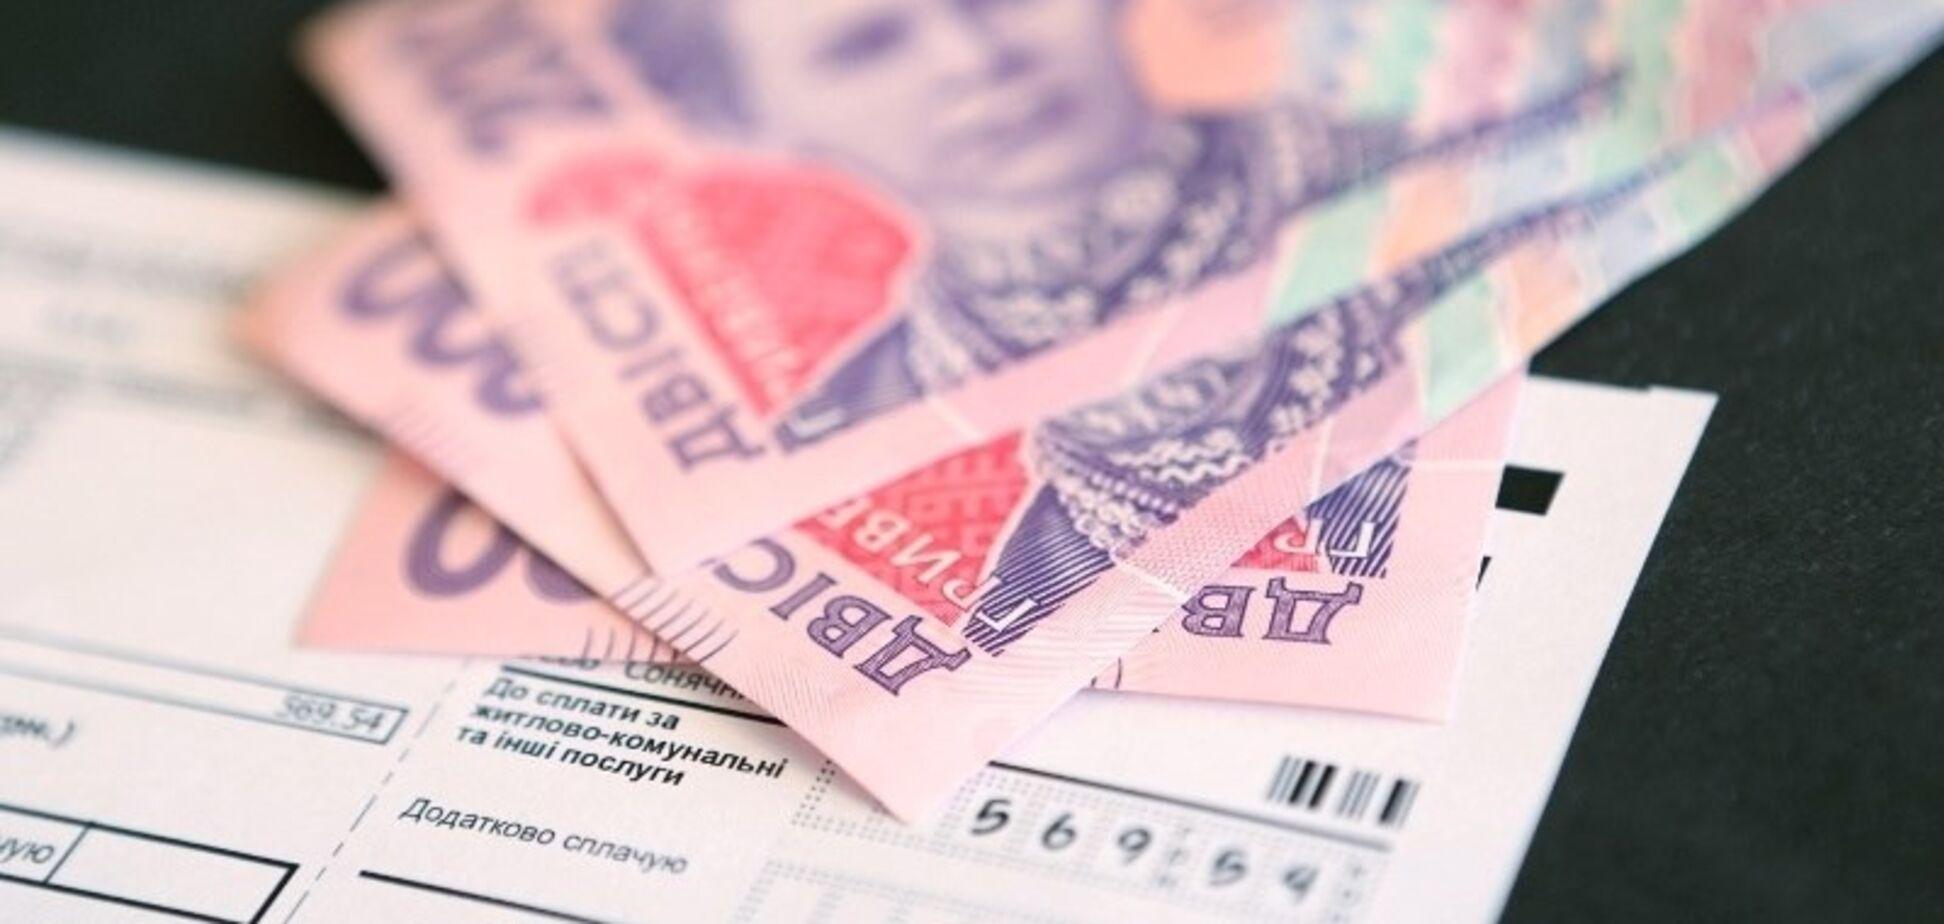 Законность государственных выплат украинцам проверят: новые правила